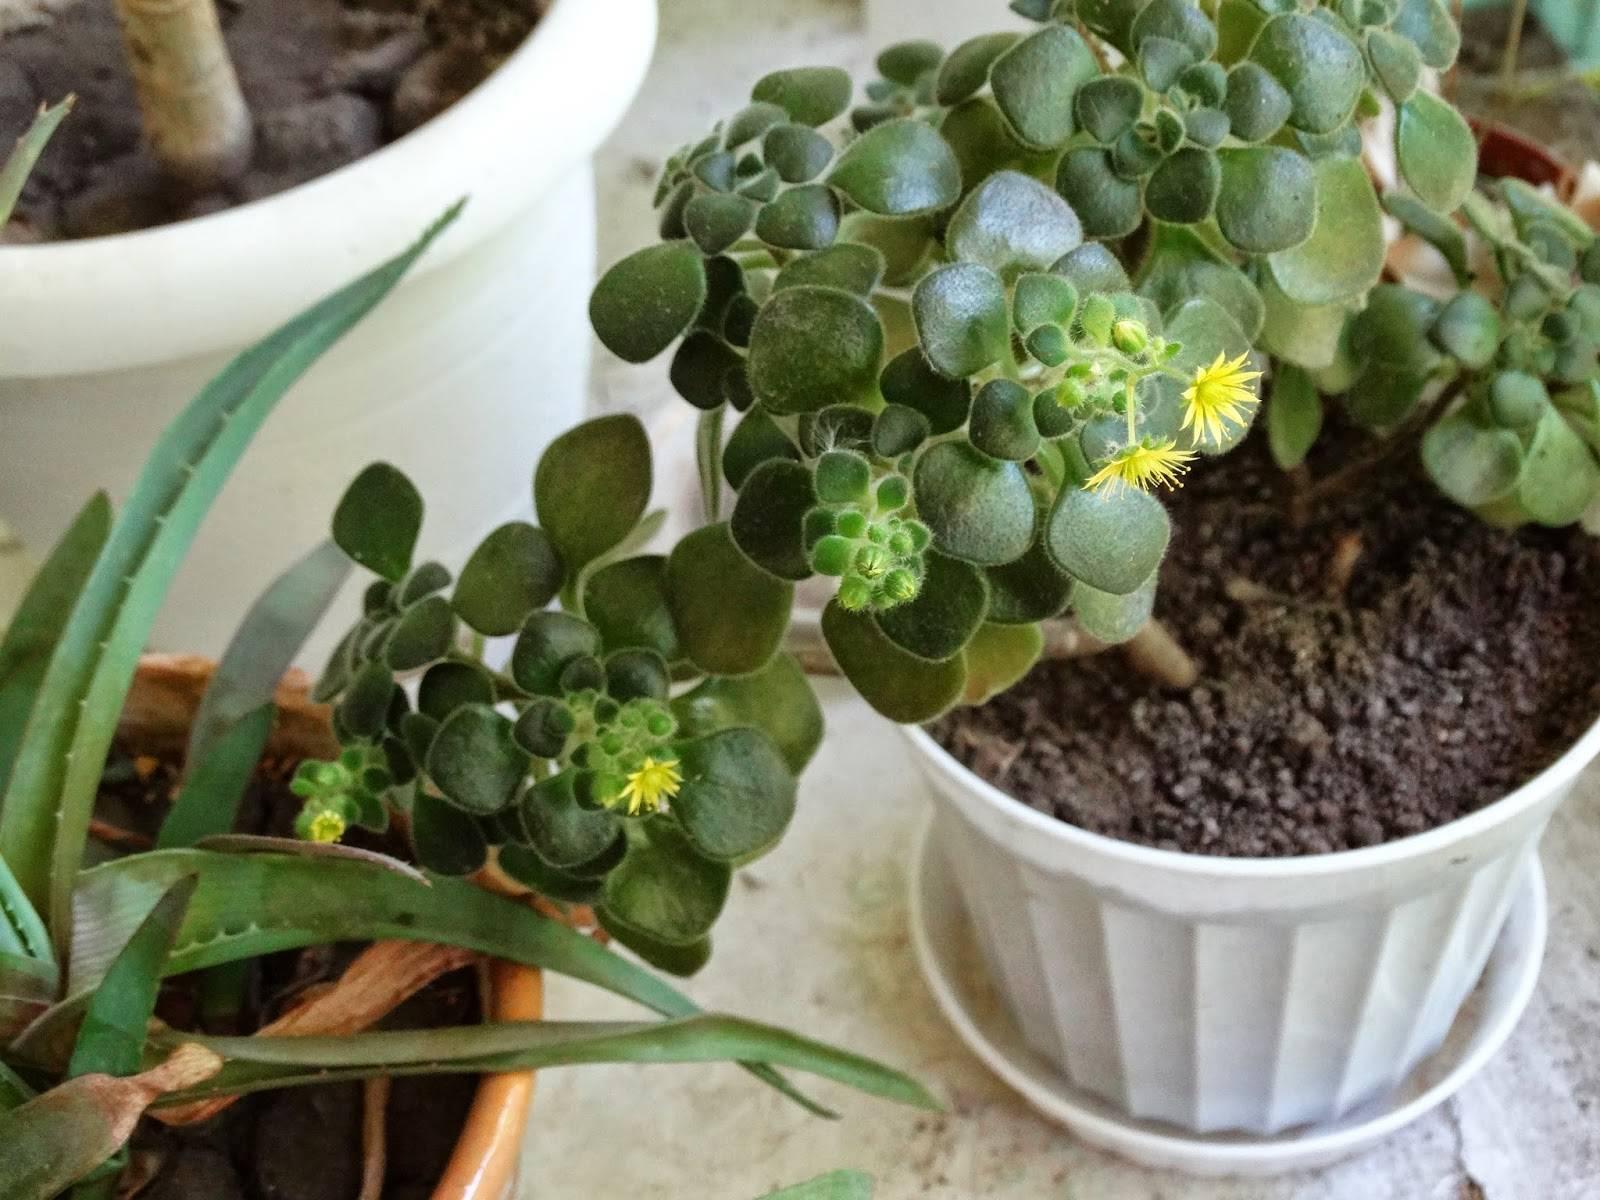 Уход за аихризоном в домашних условиях: виды дерева любви, размножение растения